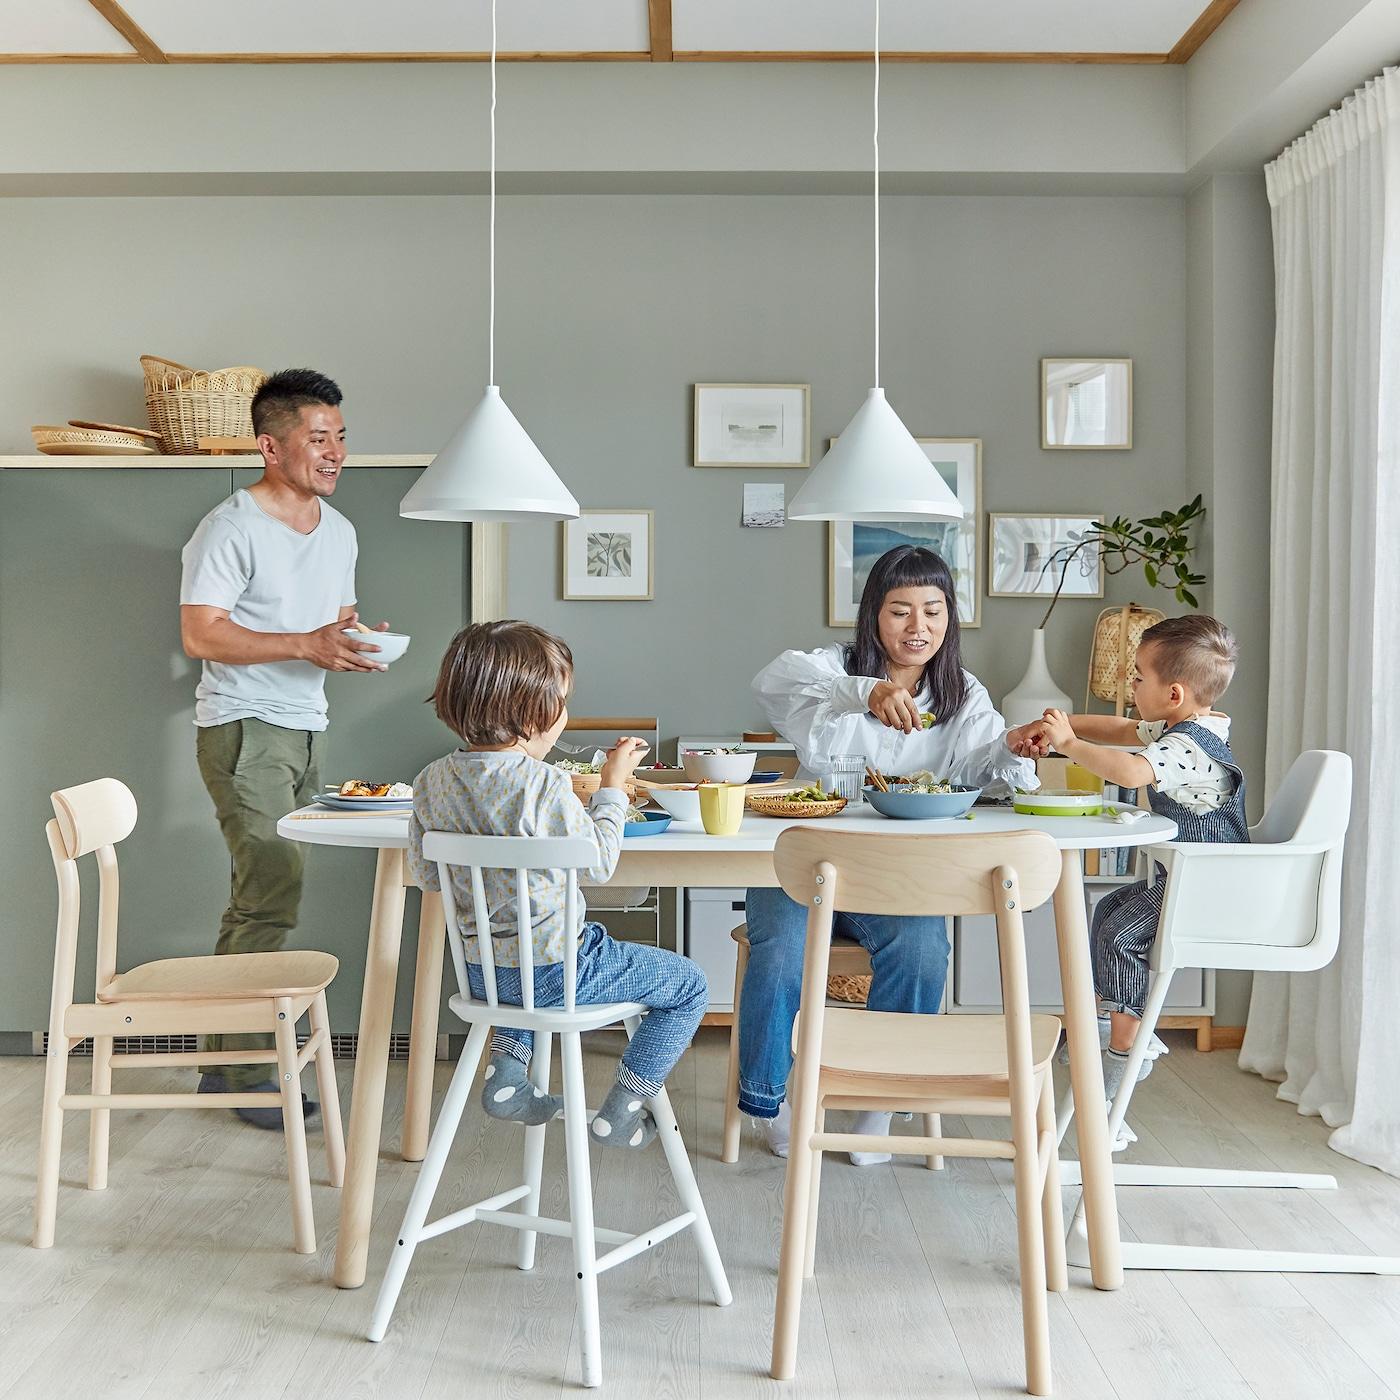 Rodzina w jadalni. Mama i dwójka dzieci siedzą przy stole w jadalni, a tata niesie do stołu miskę.